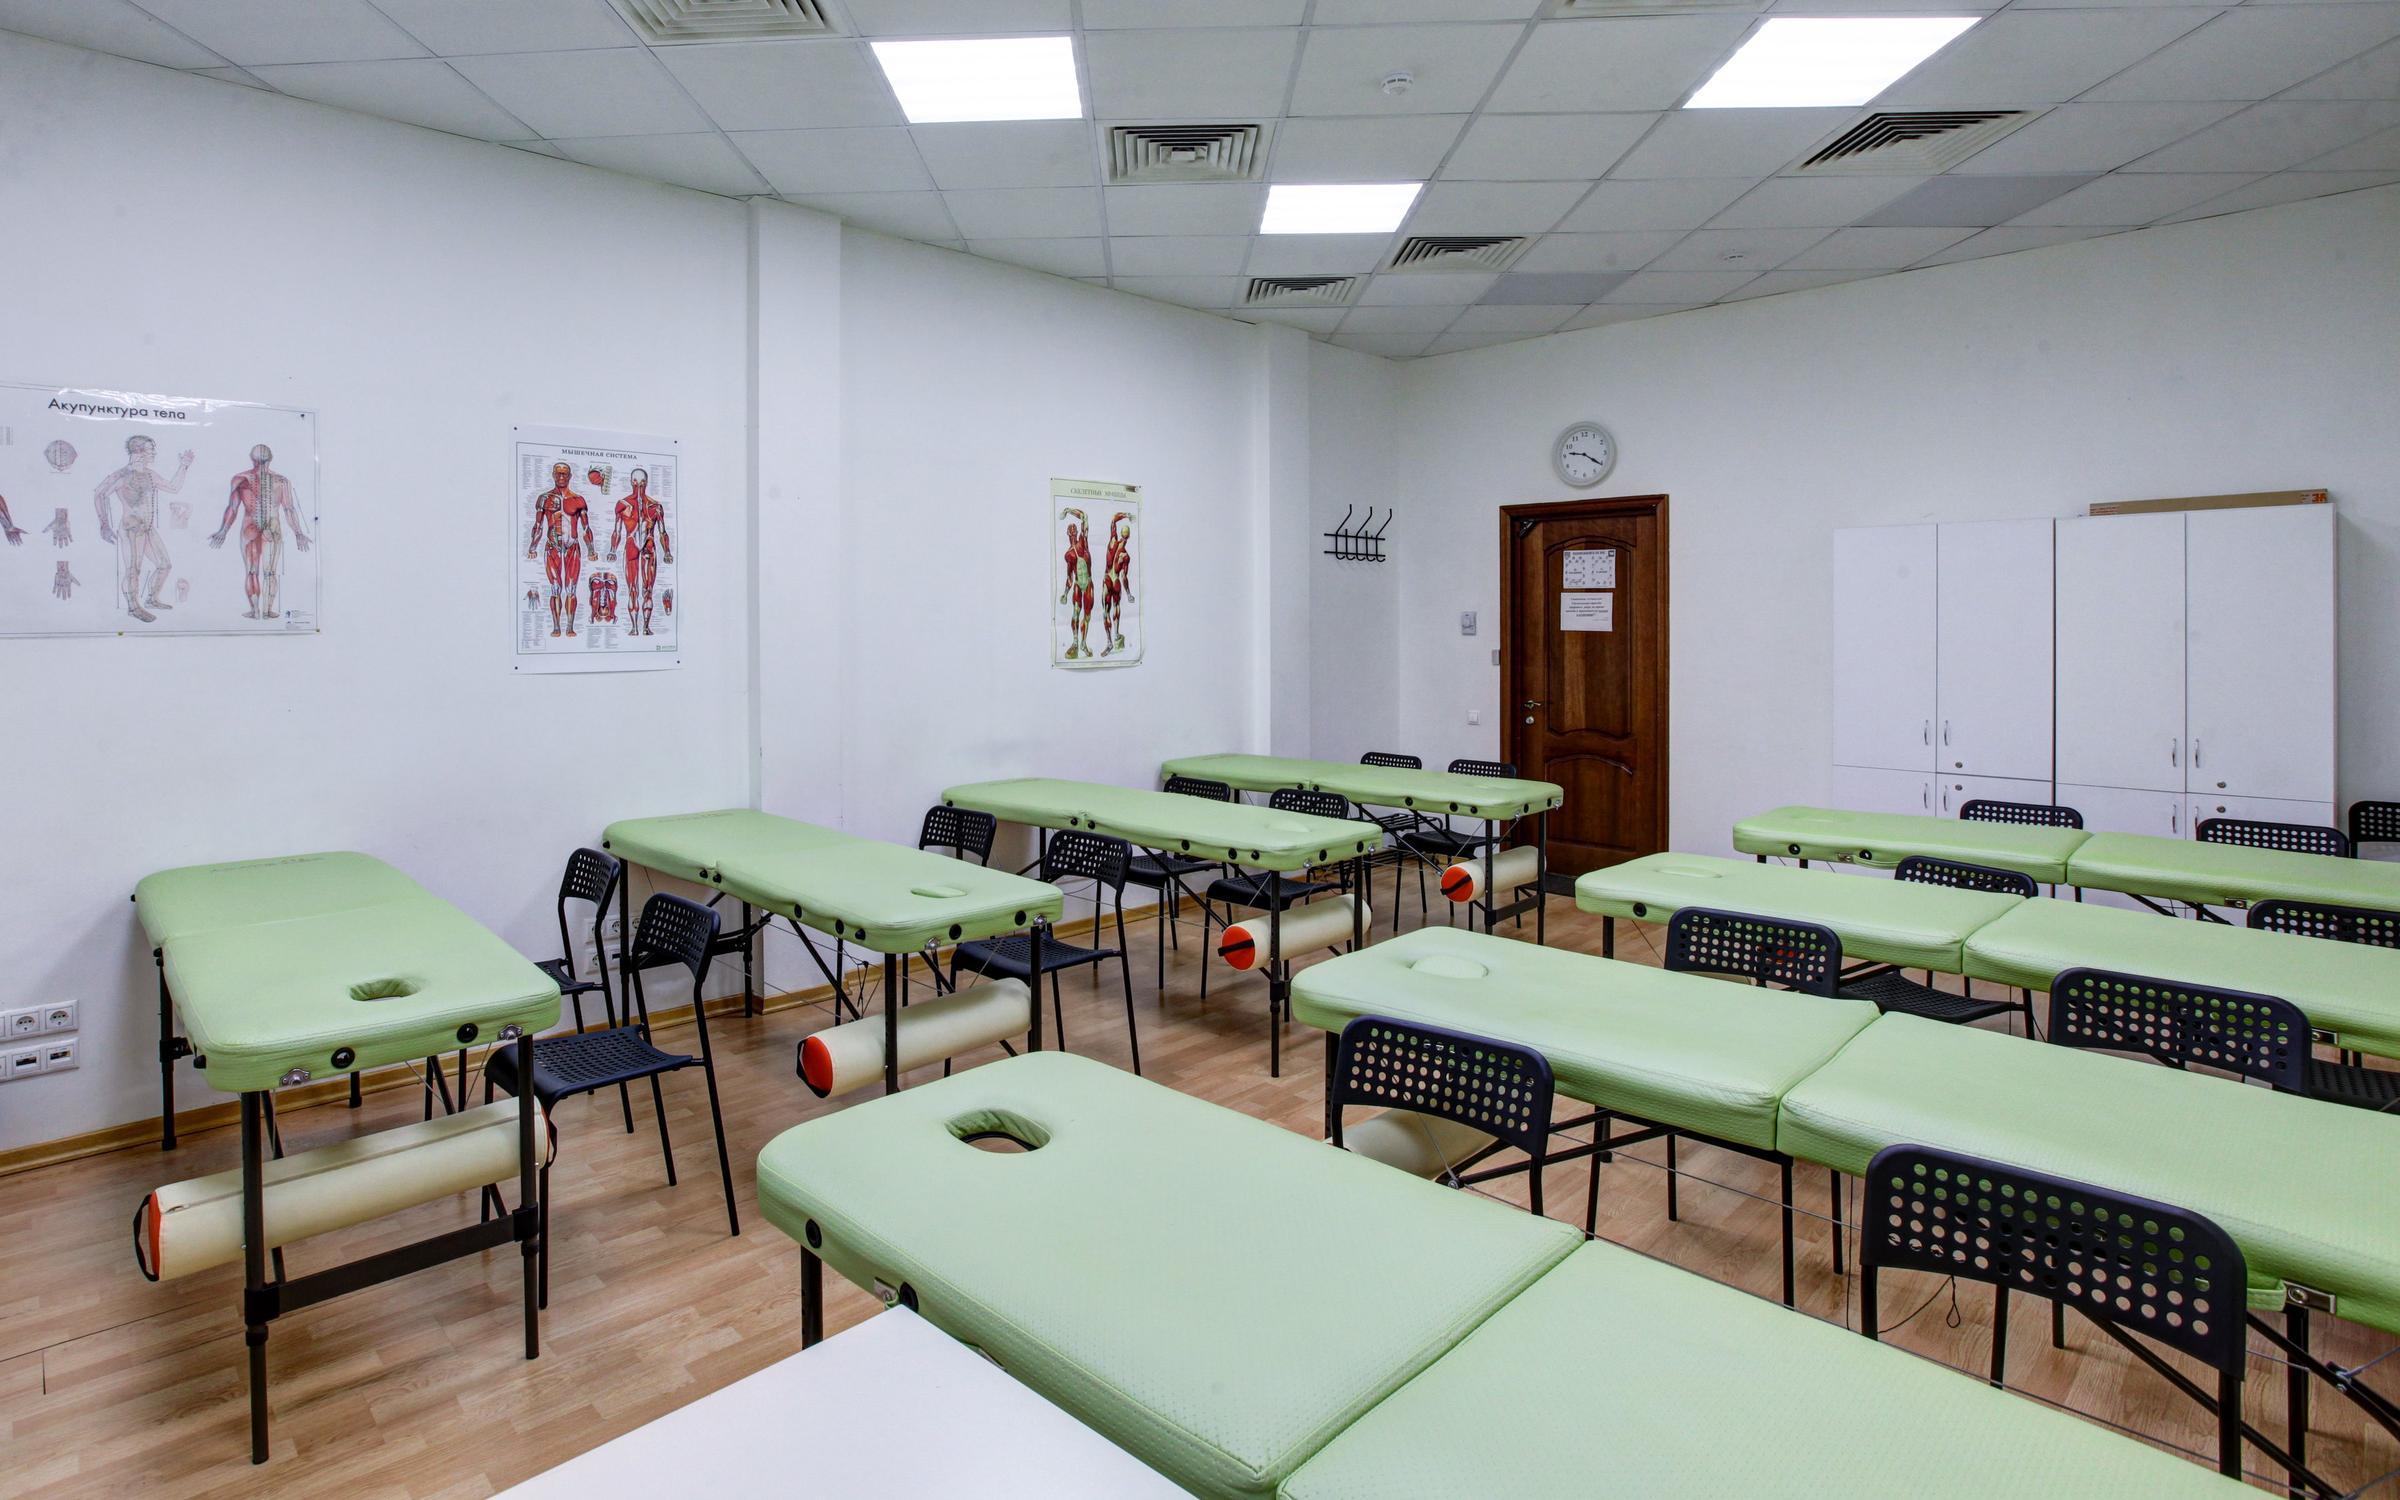 фотография Учебного центра Международный центр профессионального образования МЦПО